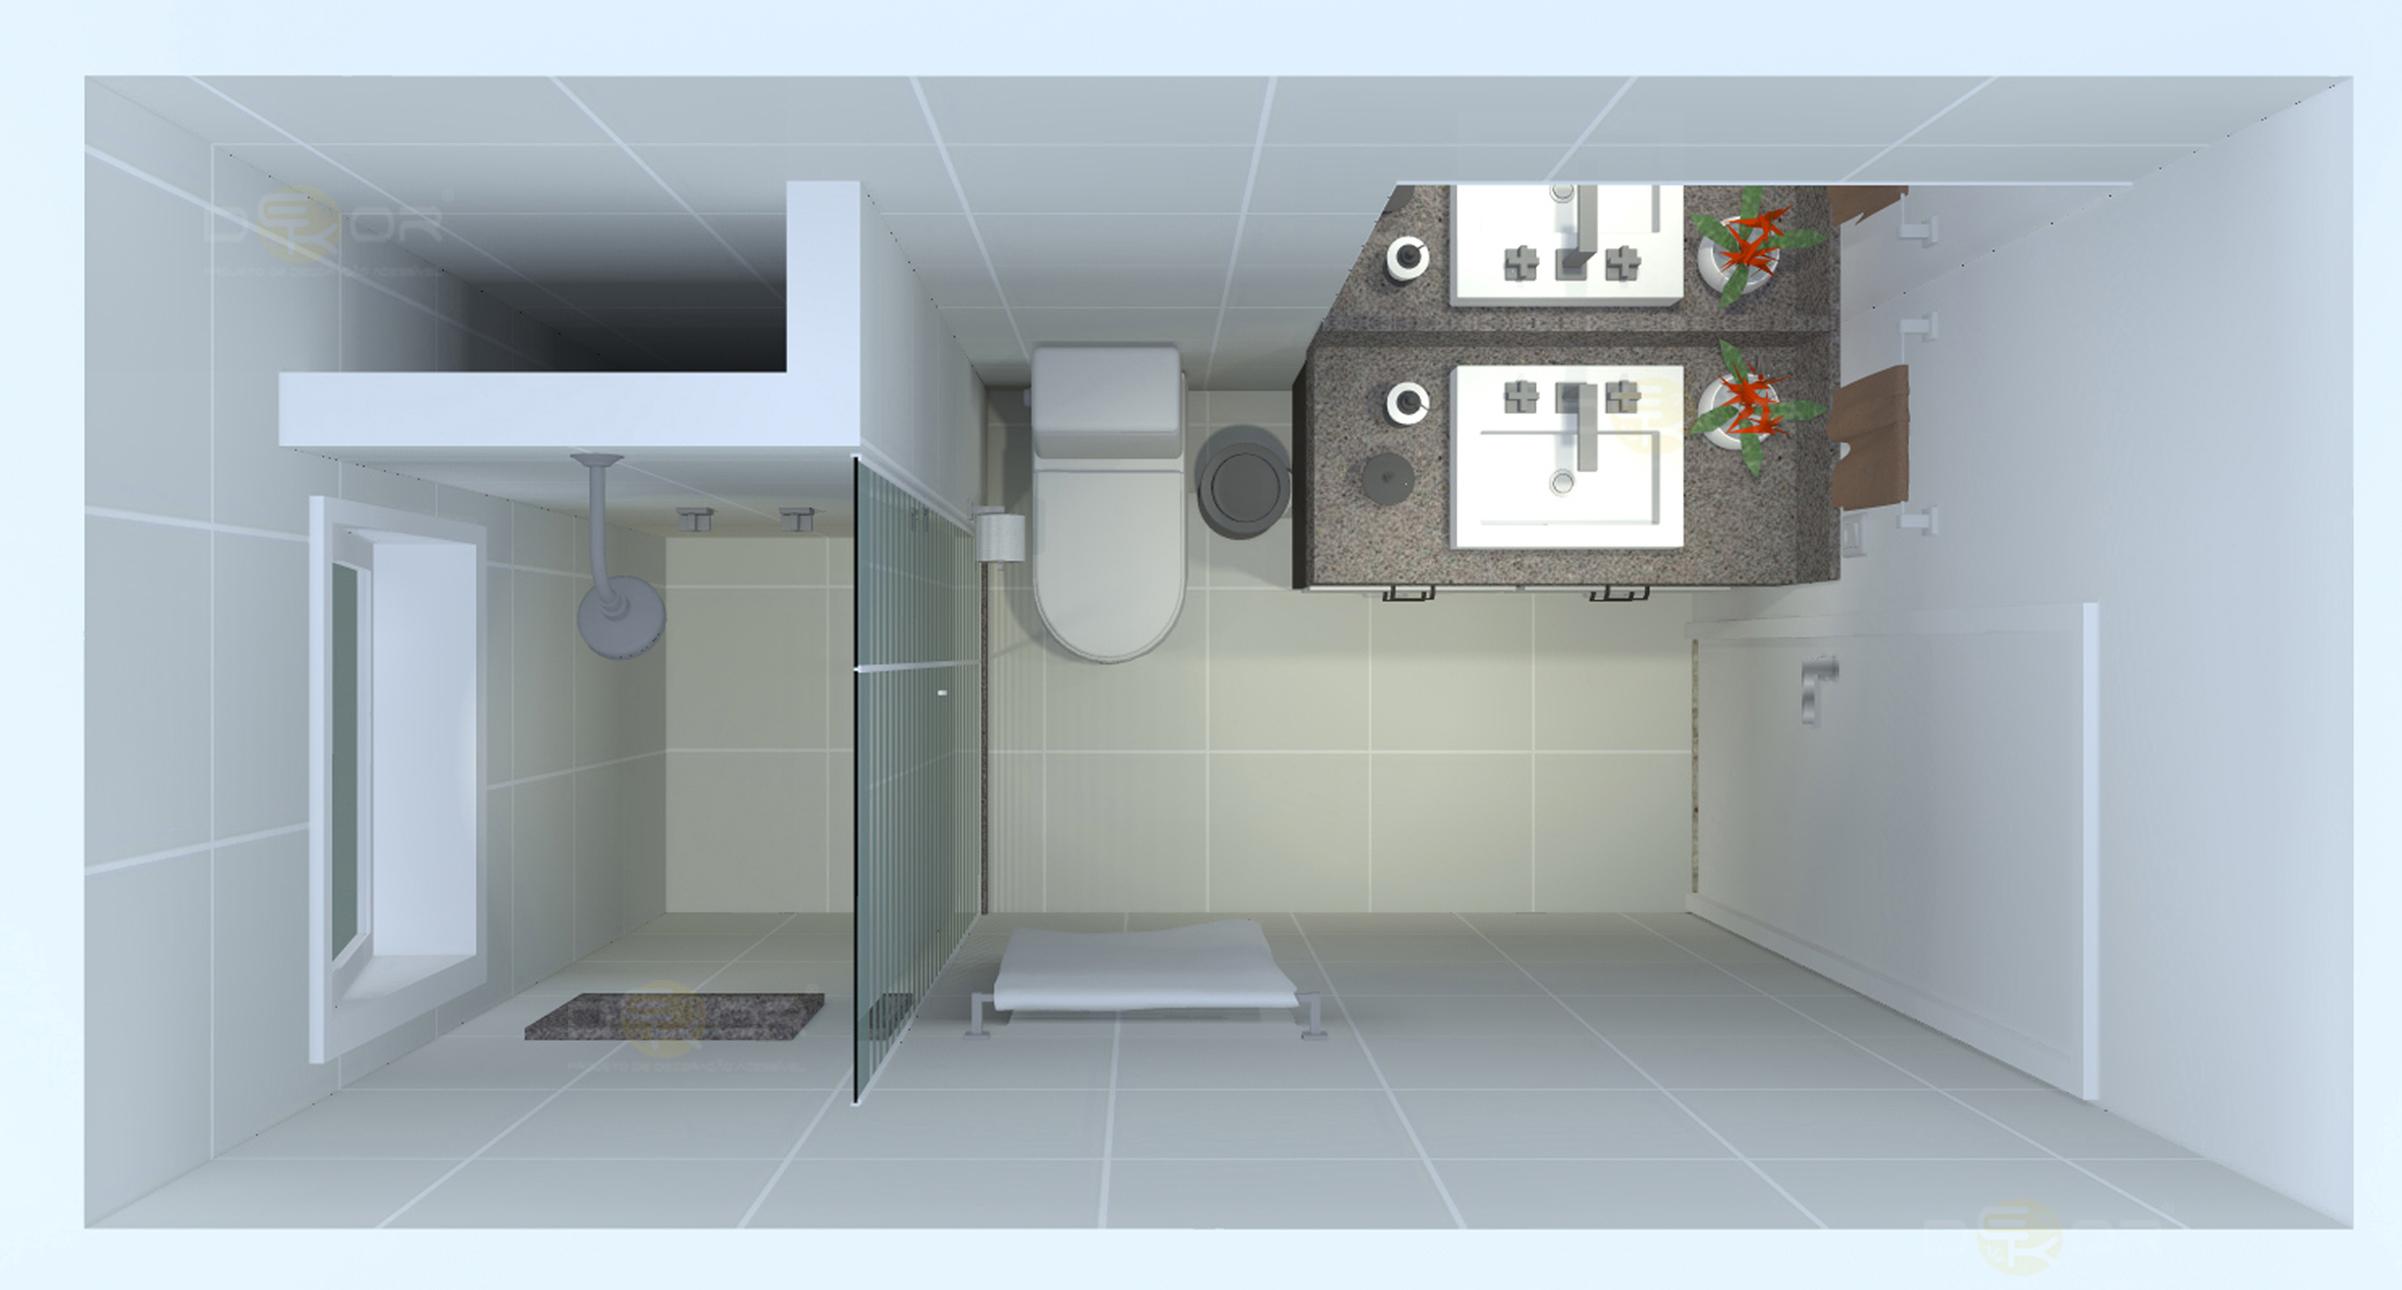 05/03/2014 2402 × 1290 Projeto de Banheiro – Decoração Online #11 #4D697E 2402 1290